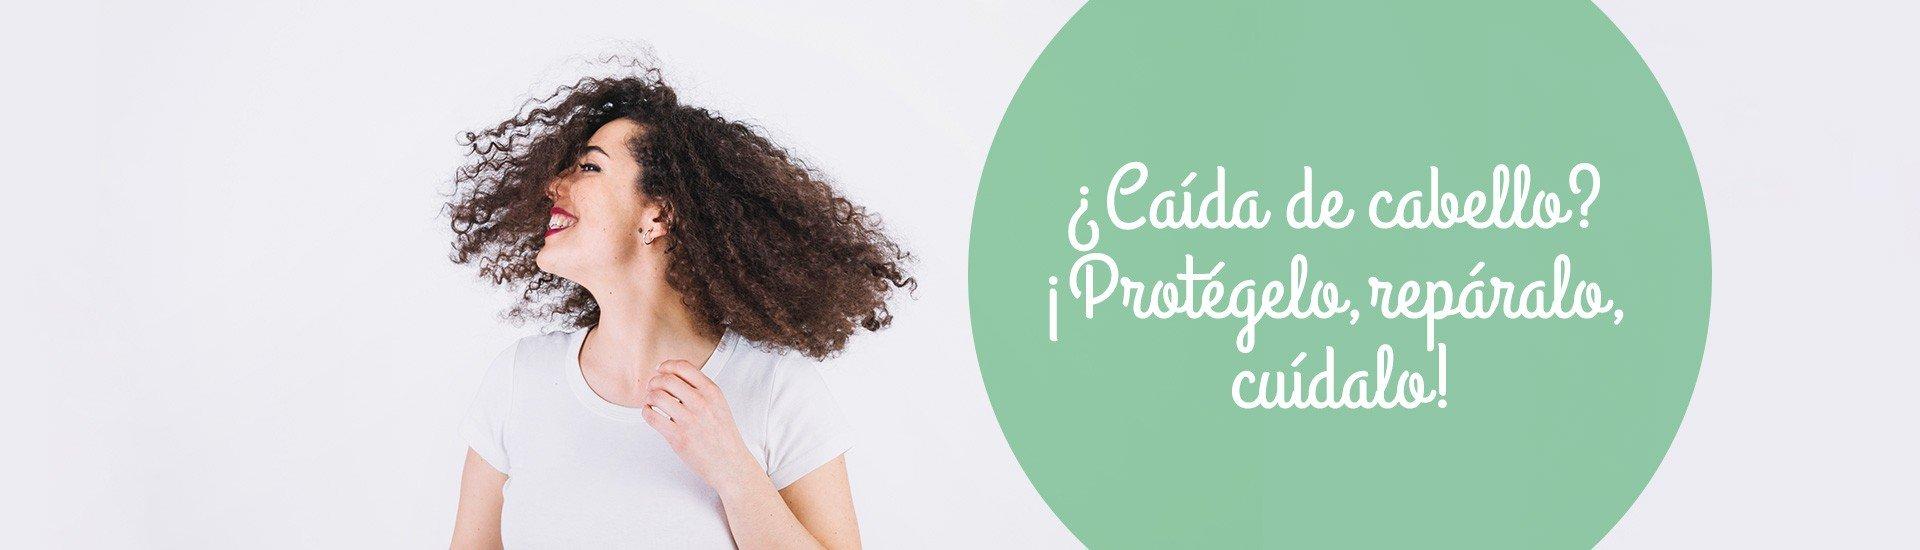 comprar cuidado del cabello precio